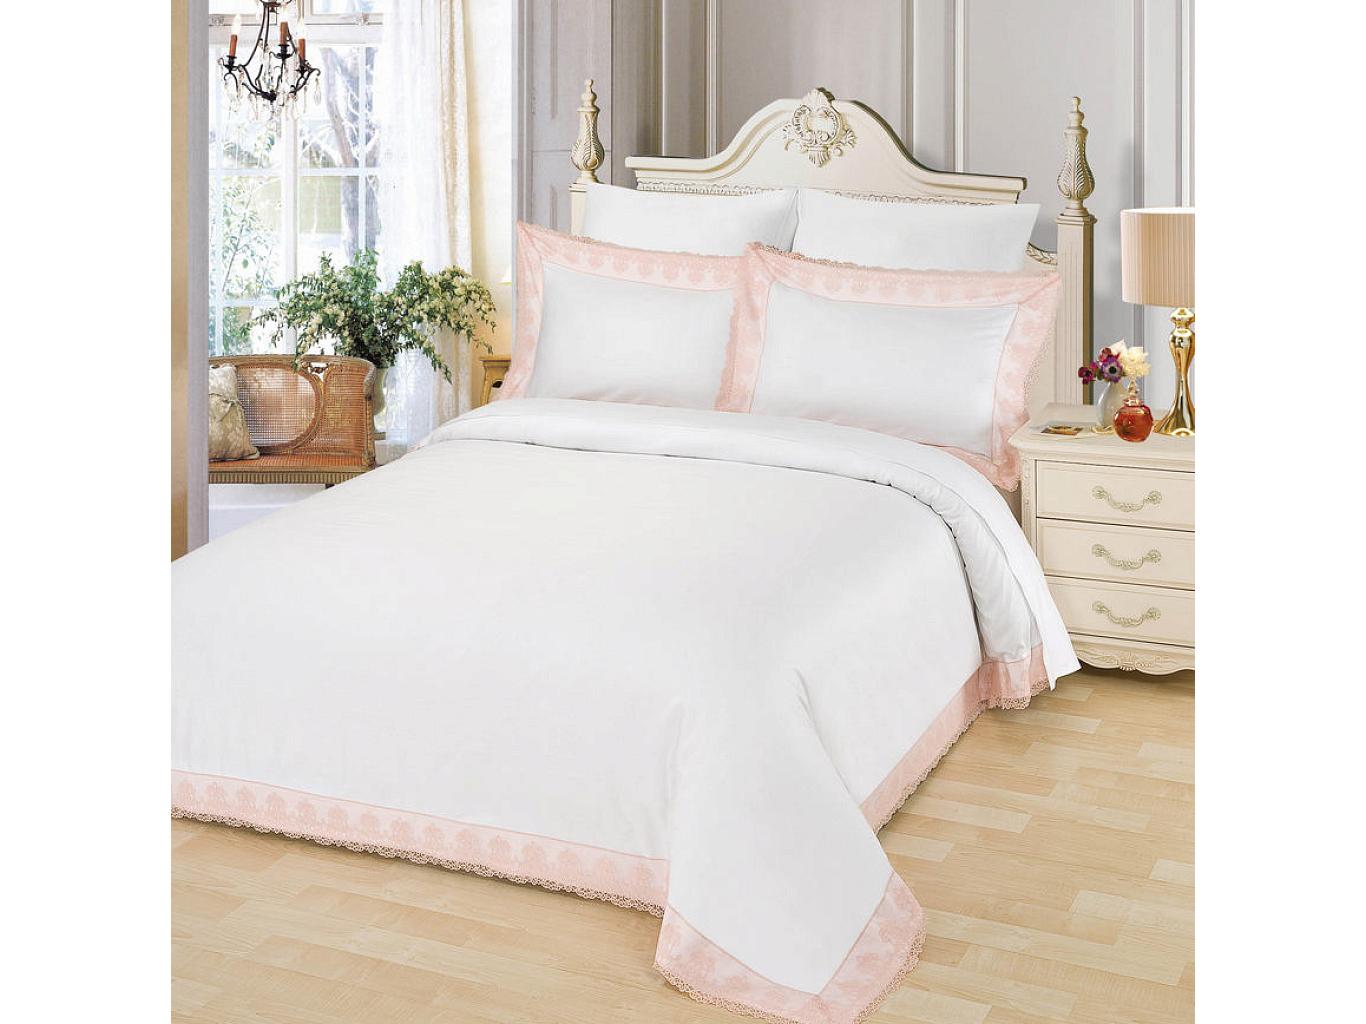 Комплект постельного белья ЖозефинаДвуспальные комплекты постельного белья<br>&amp;lt;div&amp;gt;Великолепный белоснежный комплект из хлопка станет настоящим украшением для Вашей спальни. Наволочки с &amp;quot;ушками&amp;quot; и изысканным кружевом нежных оттенков по периметру смотрятся необыкновенно утонченно. Хлопковая нить сплетается определенным способом, он позволяет получить высокую плотность ткани, не теряя при этом мягкости.&amp;amp;nbsp;&amp;lt;/div&amp;gt;&amp;lt;div&amp;gt;&amp;lt;br&amp;gt;&amp;lt;/div&amp;gt;&amp;lt;div&amp;gt;Комплектация:&amp;amp;nbsp;&amp;lt;/div&amp;gt;&amp;lt;div&amp;gt;Пододеяльник: 200х220 см (1)&amp;lt;/div&amp;gt;&amp;lt;div&amp;gt;Простынь: 230х250 см (1)&amp;lt;/div&amp;gt;&amp;lt;div&amp;gt;Наволочки: 50х70 см (2)&amp;lt;/div&amp;gt;&amp;lt;div&amp;gt;Наволочки: 70х70 см (2)&amp;amp;nbsp;&amp;lt;/div&amp;gt;&amp;lt;div&amp;gt;Состав: 100%хлопок&amp;lt;/div&amp;gt;<br><br>Material: Хлопок<br>Ширина см: 230.0<br>Глубина см: 250.0